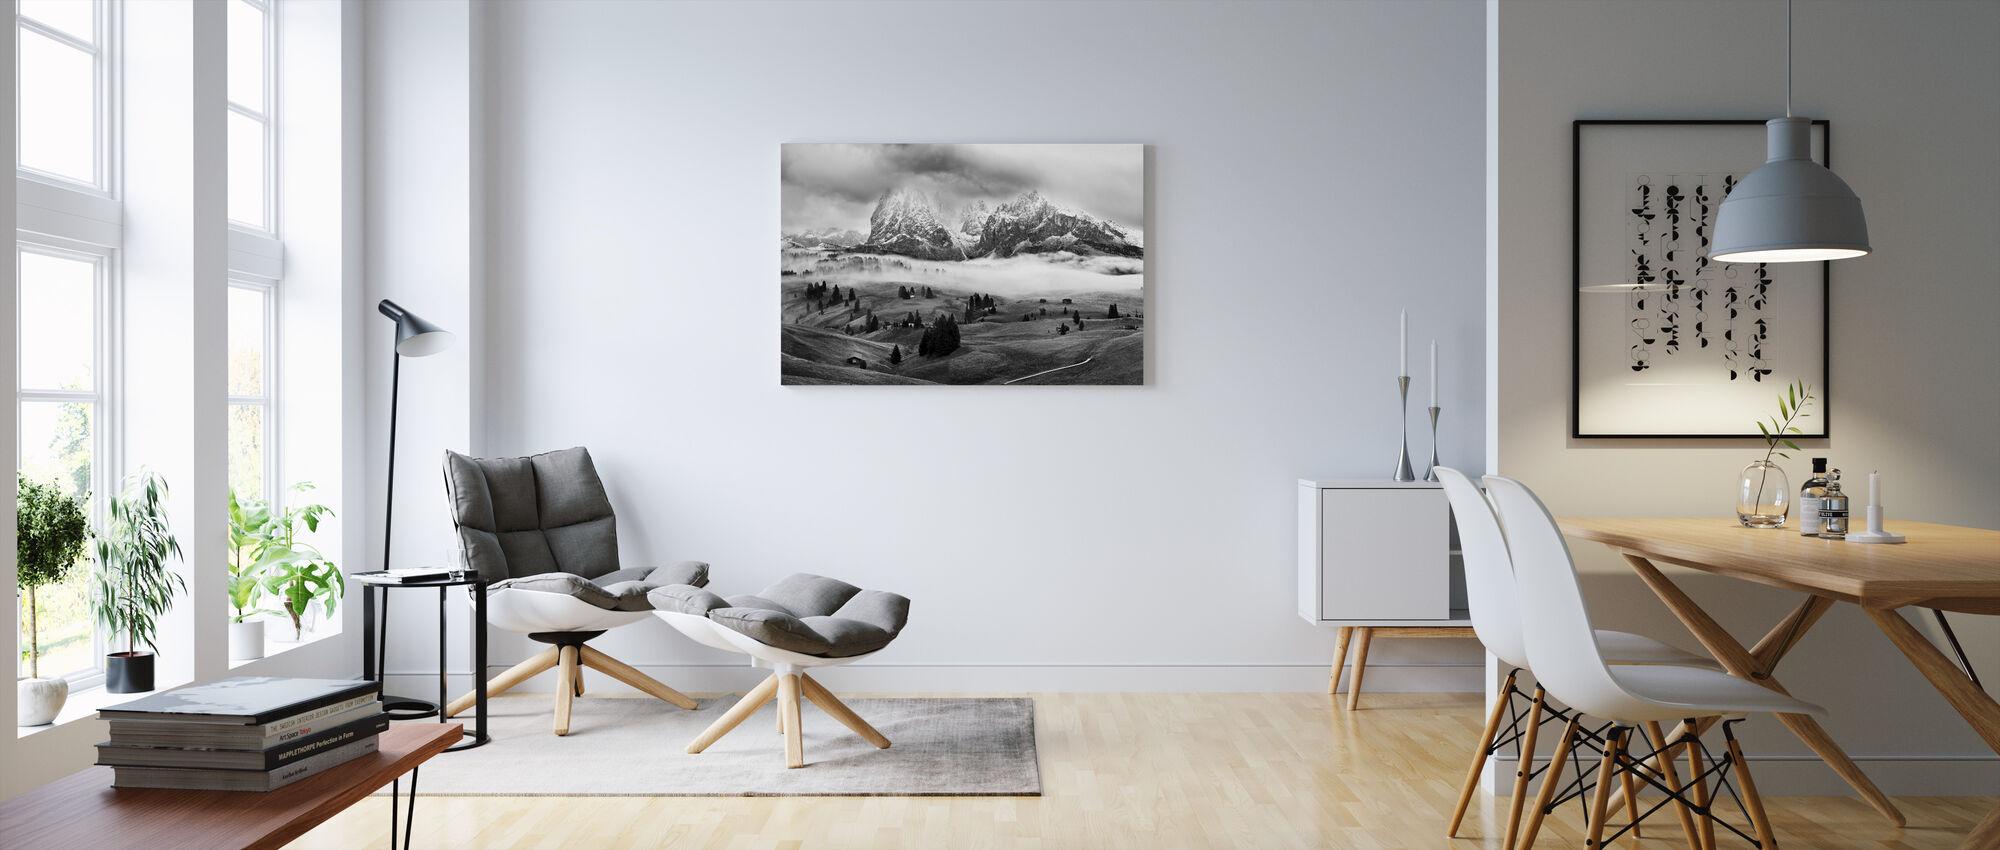 Sumuinen Dolomiitit - Canvastaulu - Olohuone